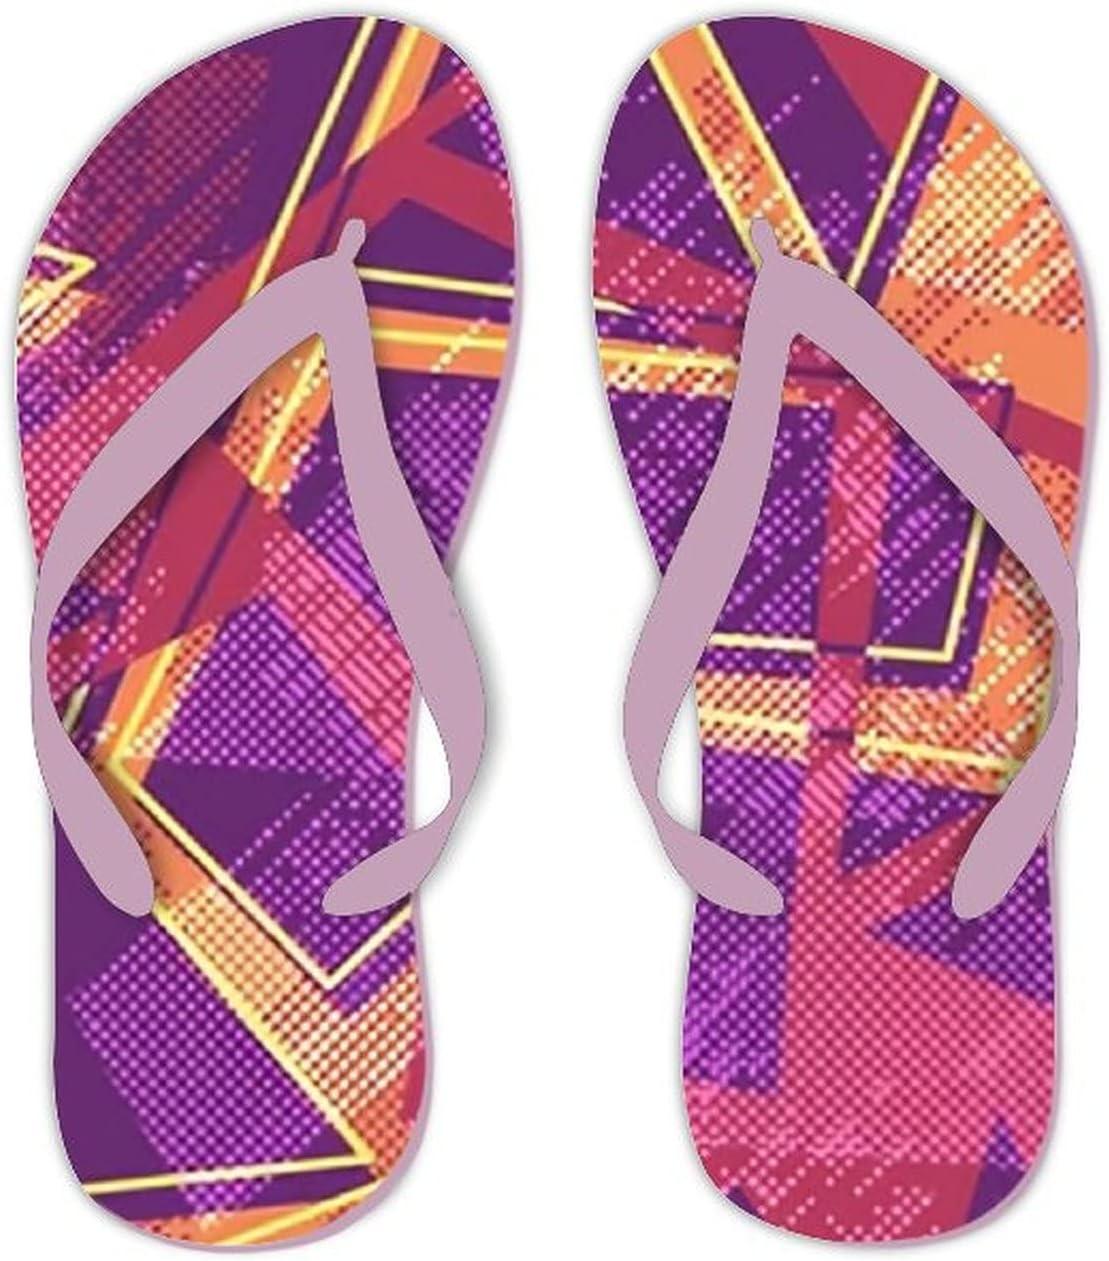 UTF4C Summer Flip Flops for Men Women Geometric Pattern Girls Boys Soft Lightweight Non Slip Sandals for Shower Beach Pool Bathroom Flat 9